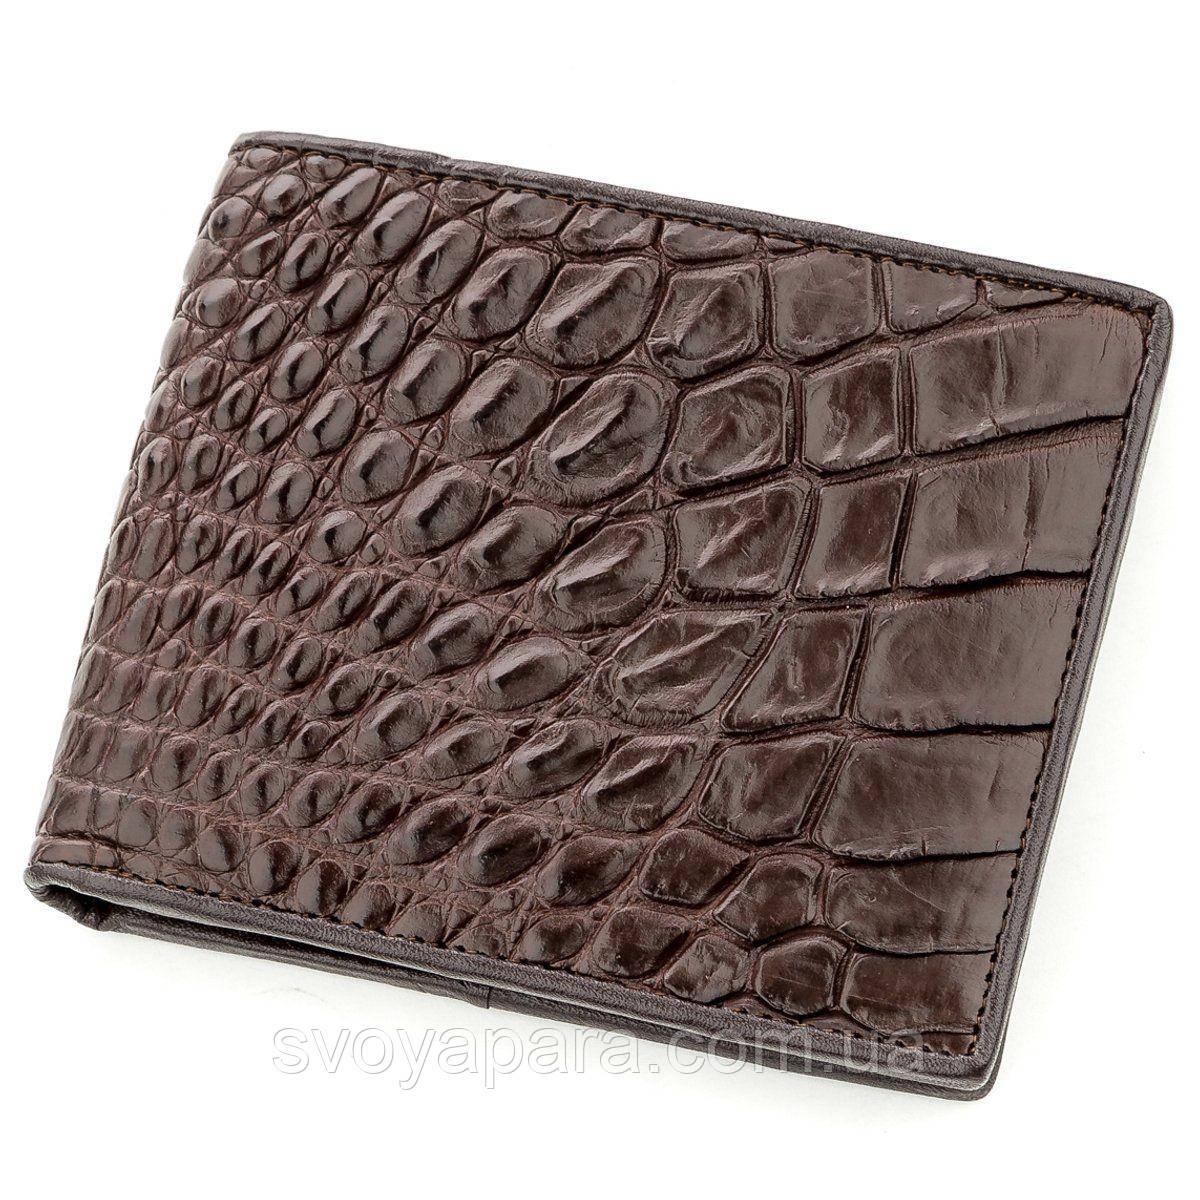 Бумажник мужской CROCODILE LEATHER 18577 из натуральной кожи крокодила Коричневый